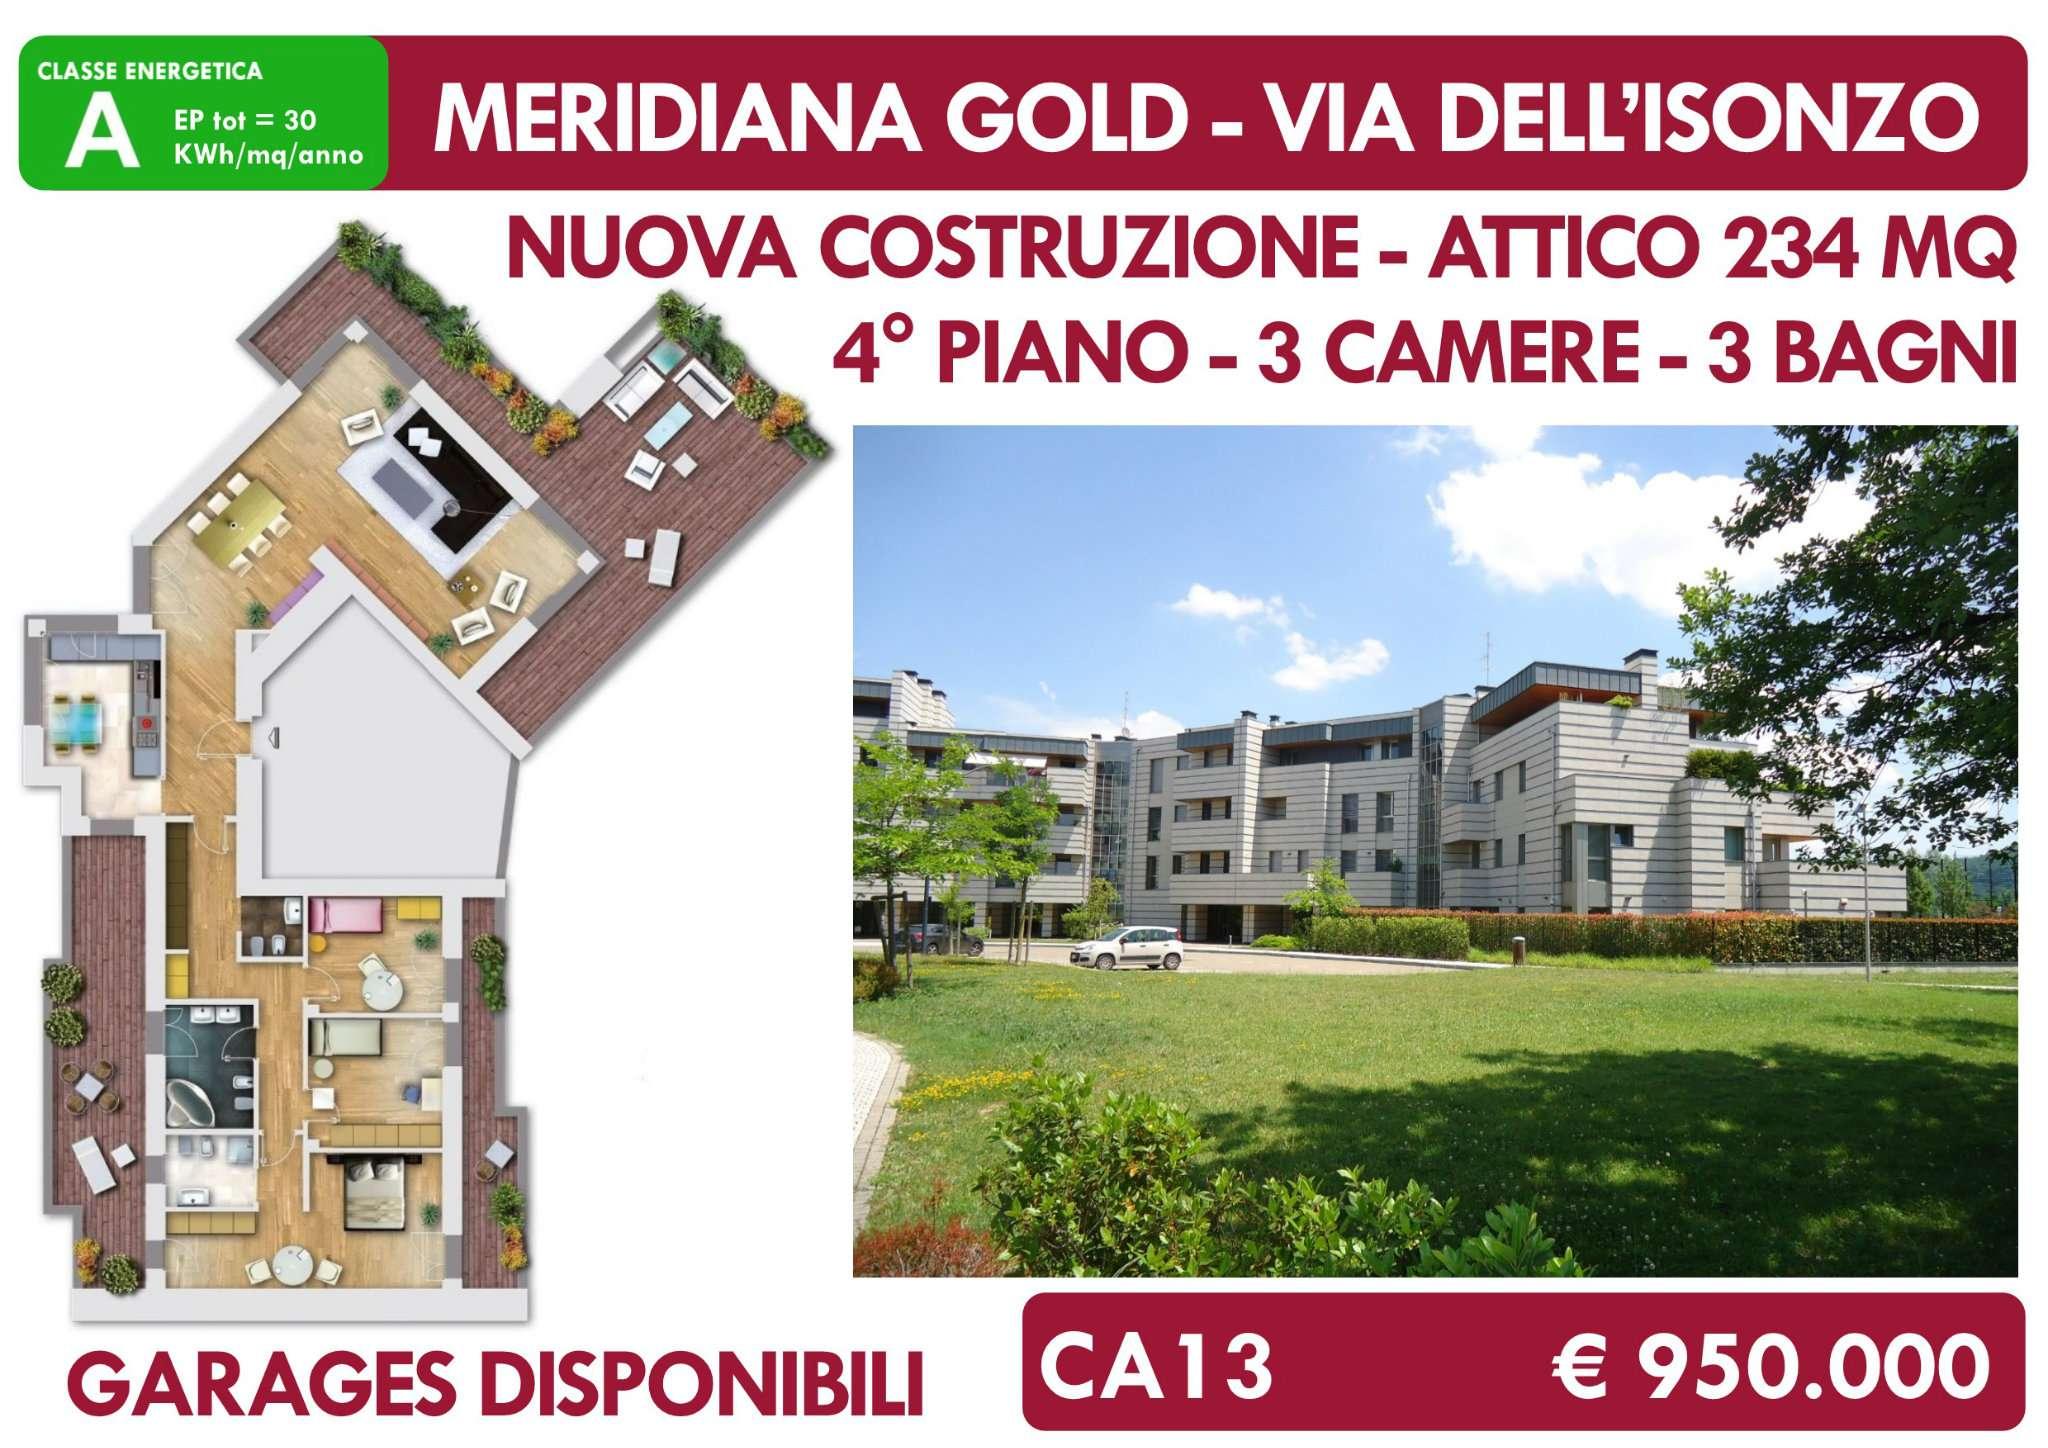 Casalecchio di Reno - Meridiana Gold - Via Isonzo